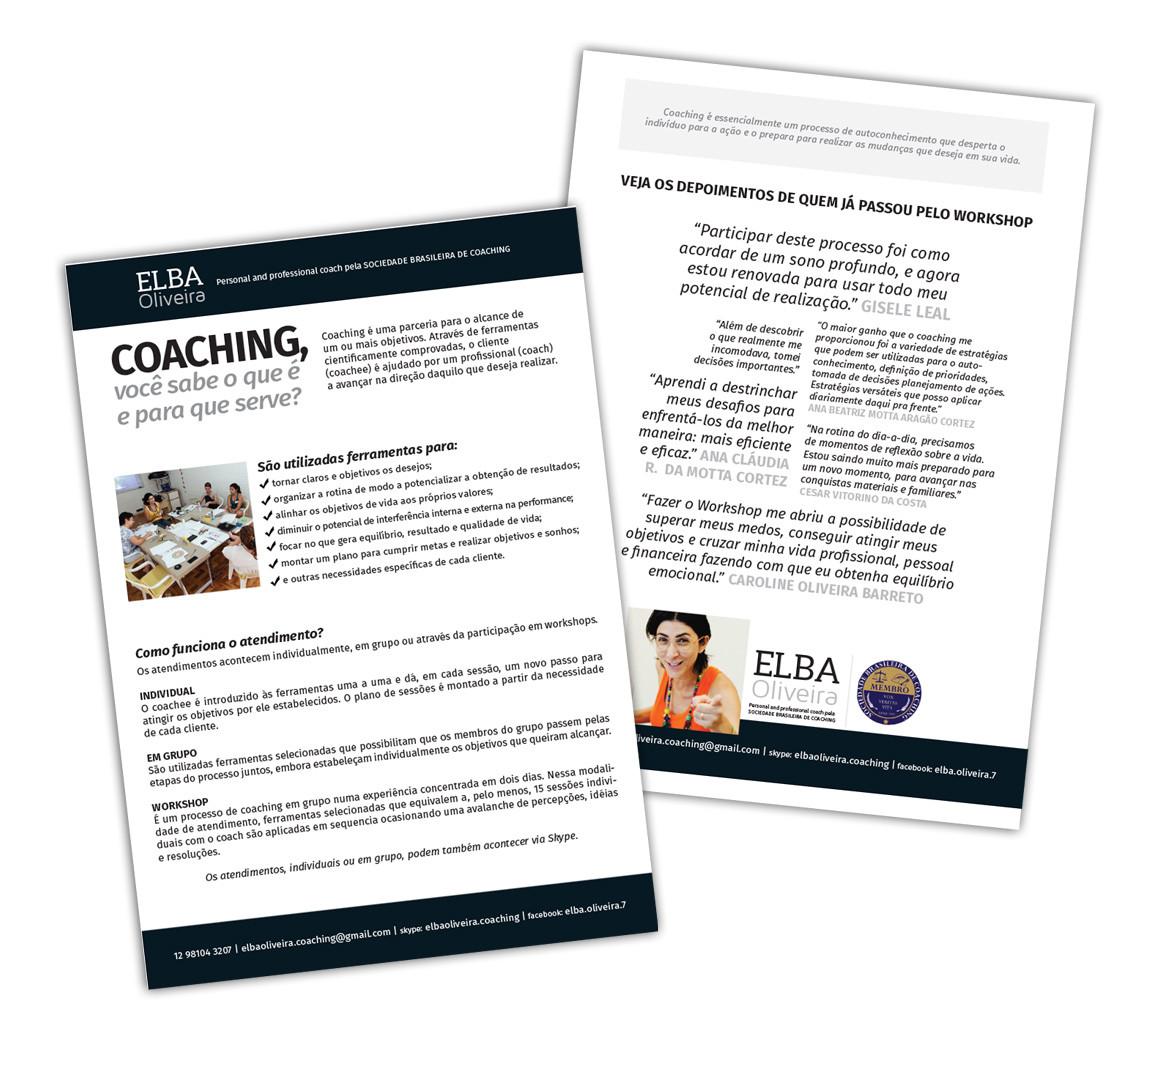 folheto-coaching